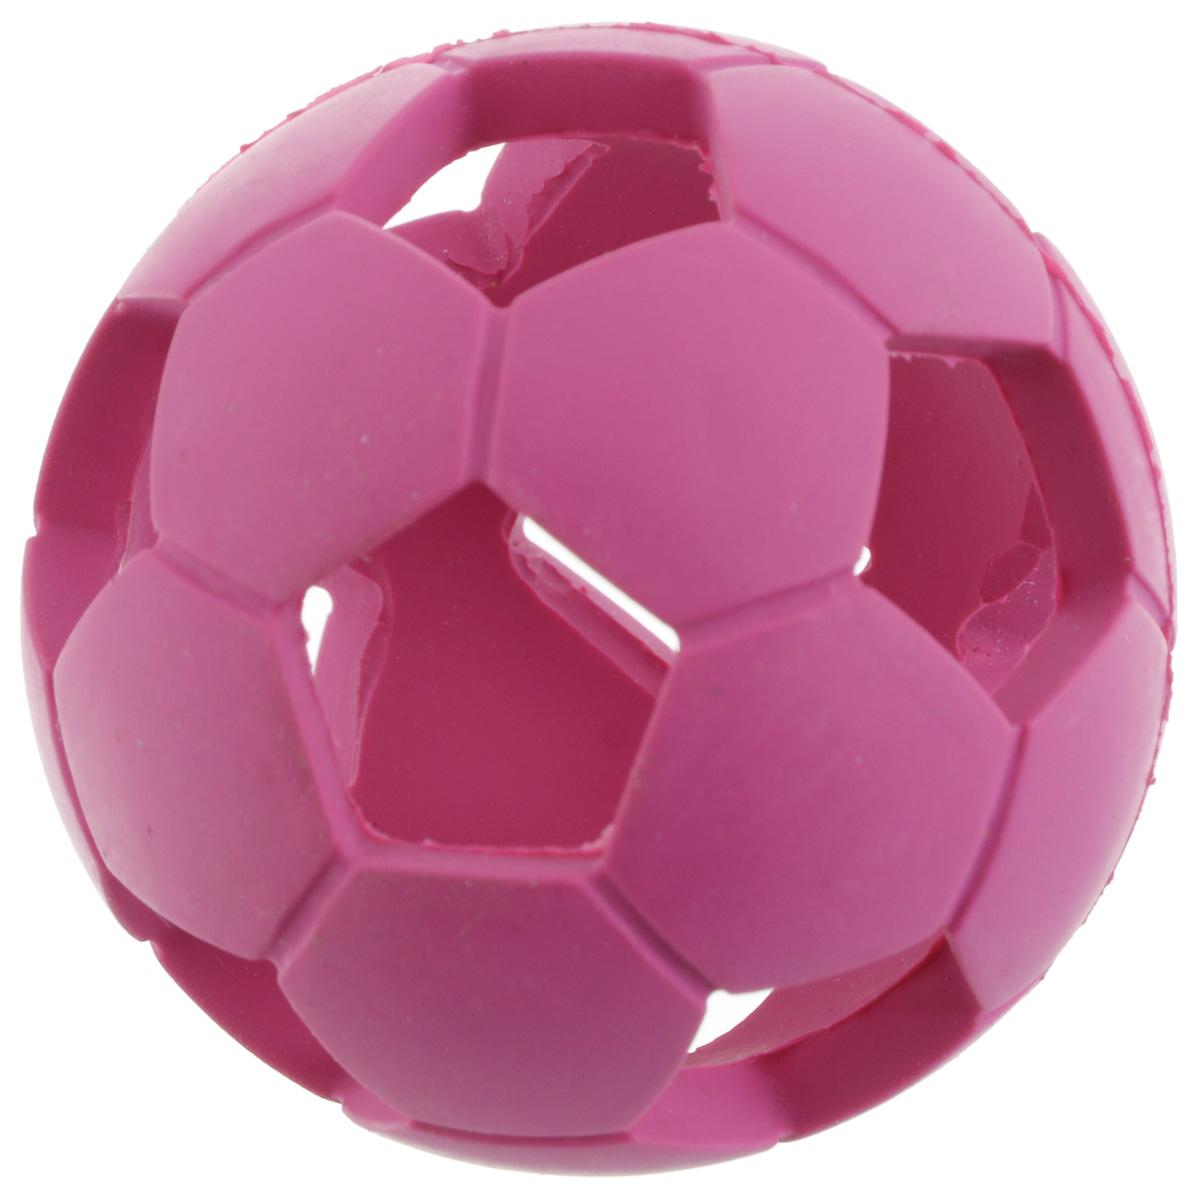 Игрушка для собак V.I.Pet Мяч футбольный, диаметр 5,5 см5605262Игрушка для собак V.I.Pet Мяч футбольный изготовлена из натурального каучука - абсолютно нетоксичного и безопасного. С этой игрушкой с удовольствием будут играть и щенки, и взрослые собаки. Мягкая и пружинистая игрушка может быть использована для игр как в помещении, так и на улице. Положите внутрь игрушки небольшой кусочек лакомства и ваш питомец будет с интересом и азартом играть до тех пор, пока не достанет заслуженную награду.Диаметр игрушки: 5,5 см.